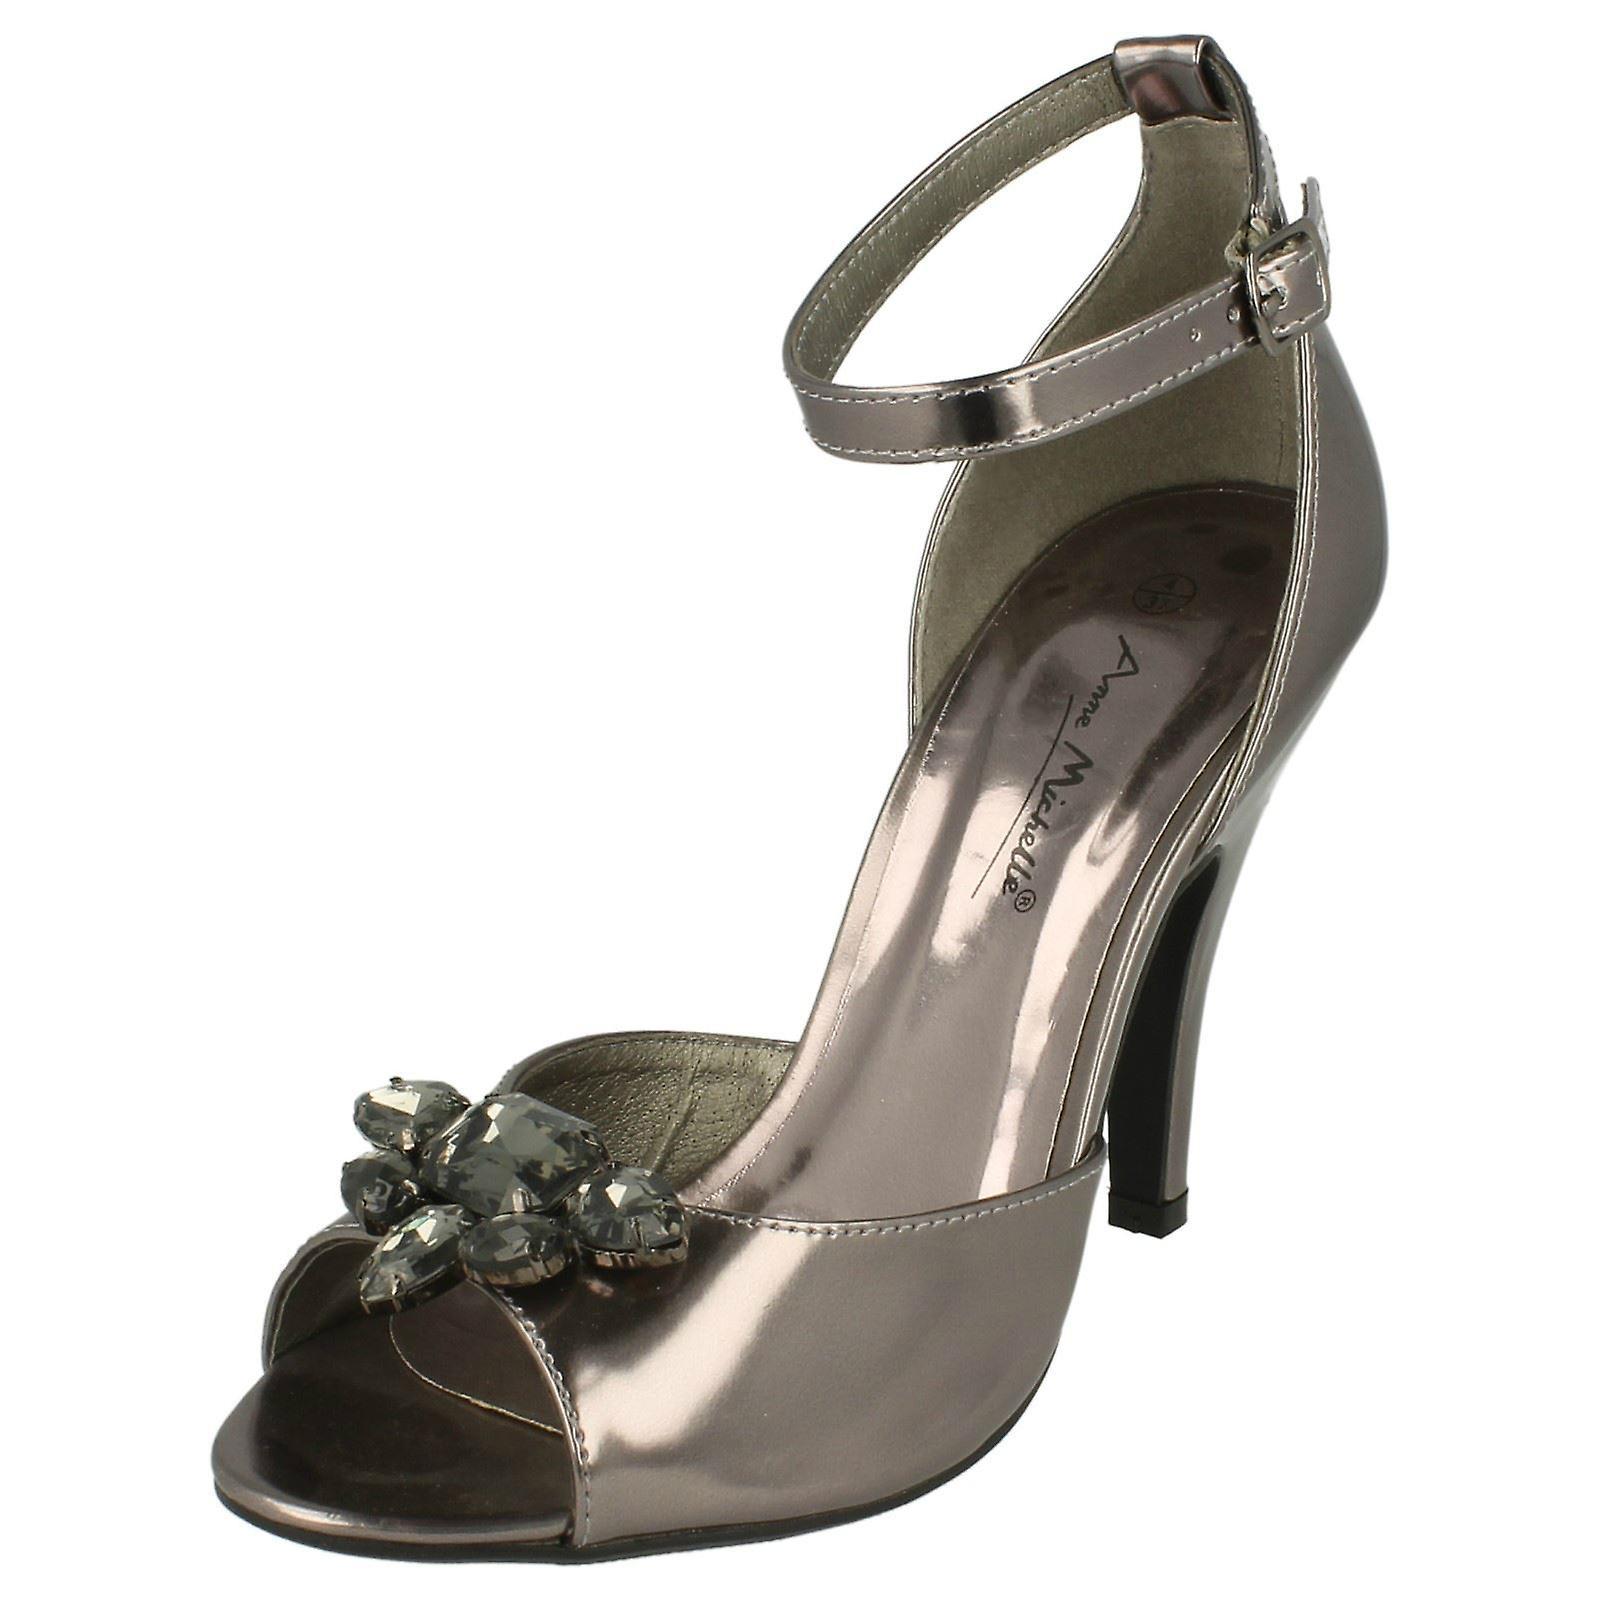 Panie Anne Michelle Heeled sandały klejnotami L3418 lp8mN